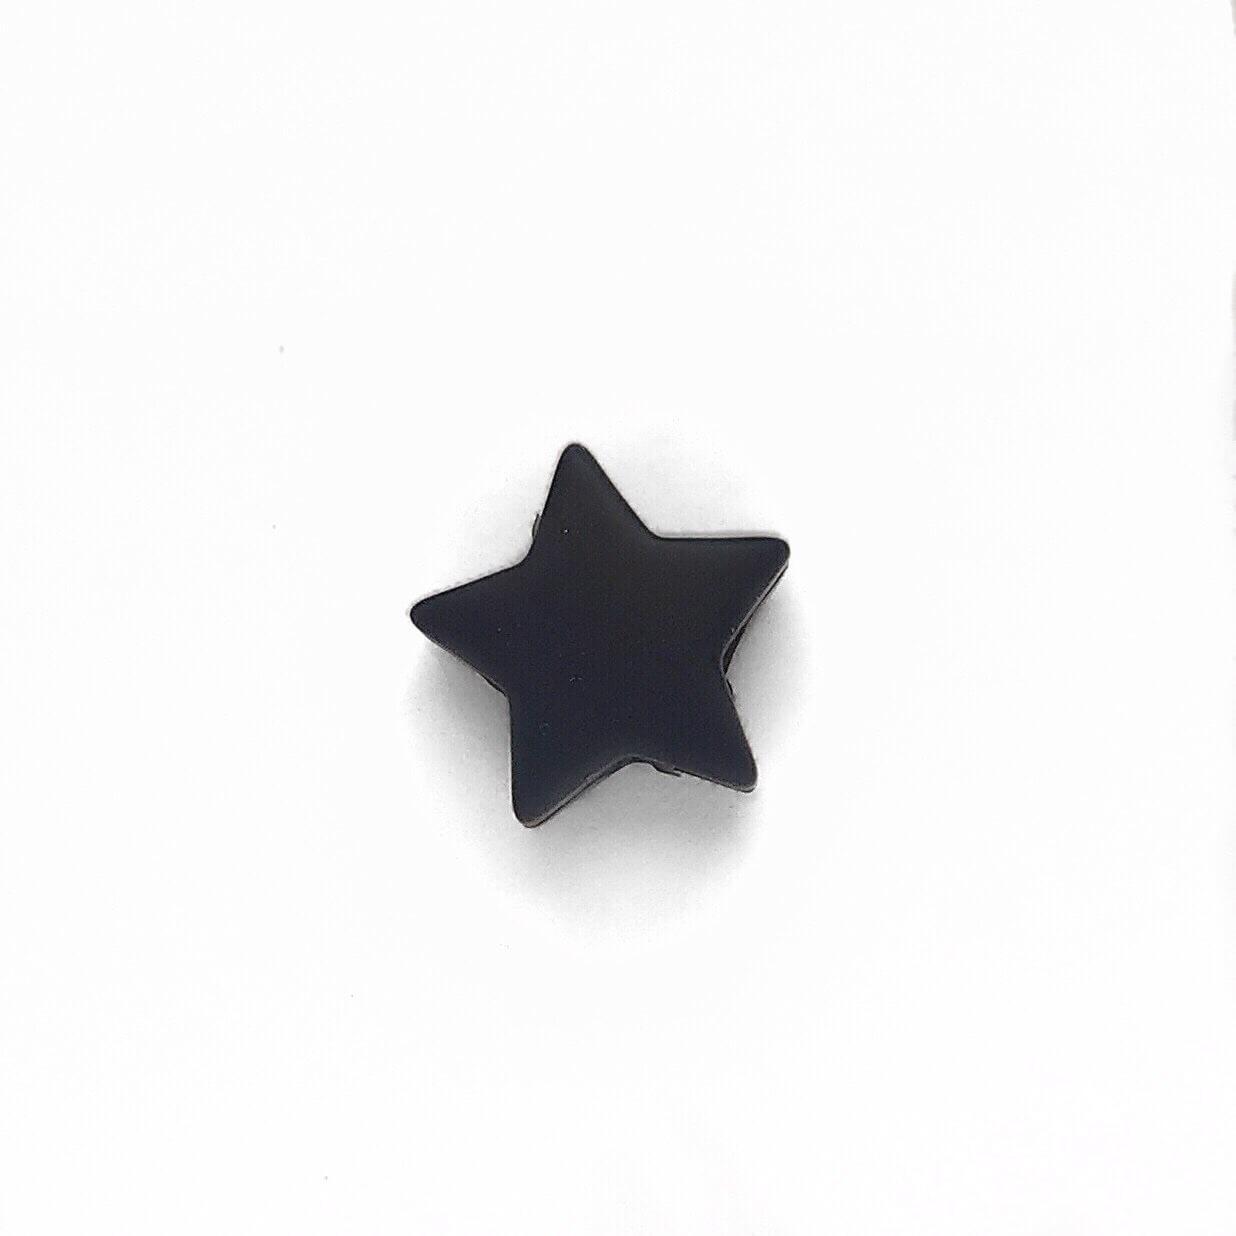 Мини звездочка (черная) бусина из пищевого силикона